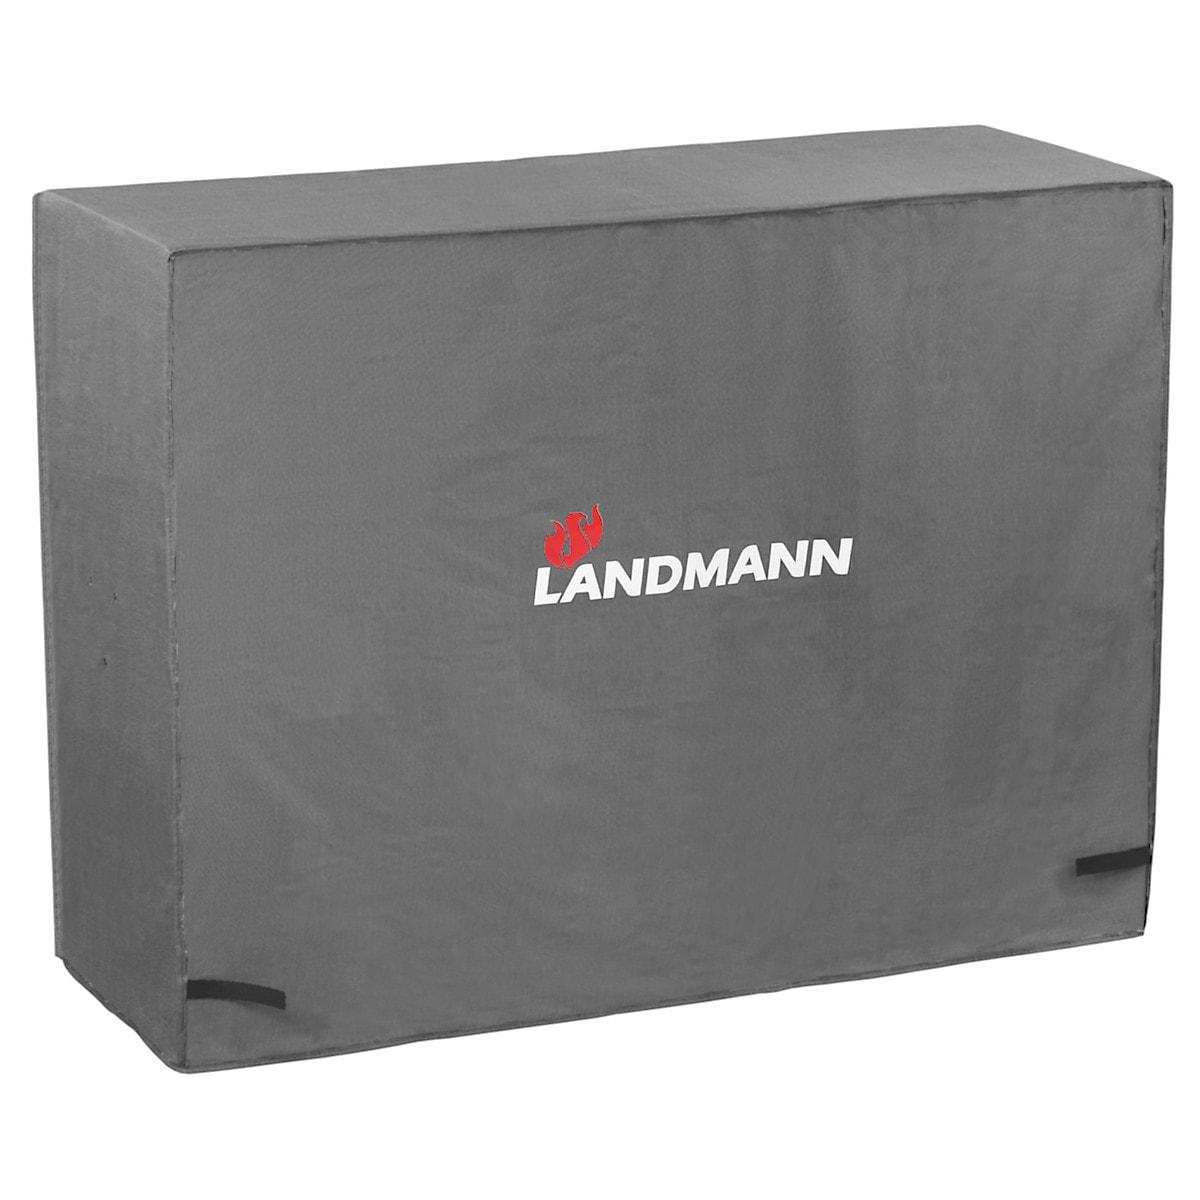 Landmann overtrekk til gassgrill